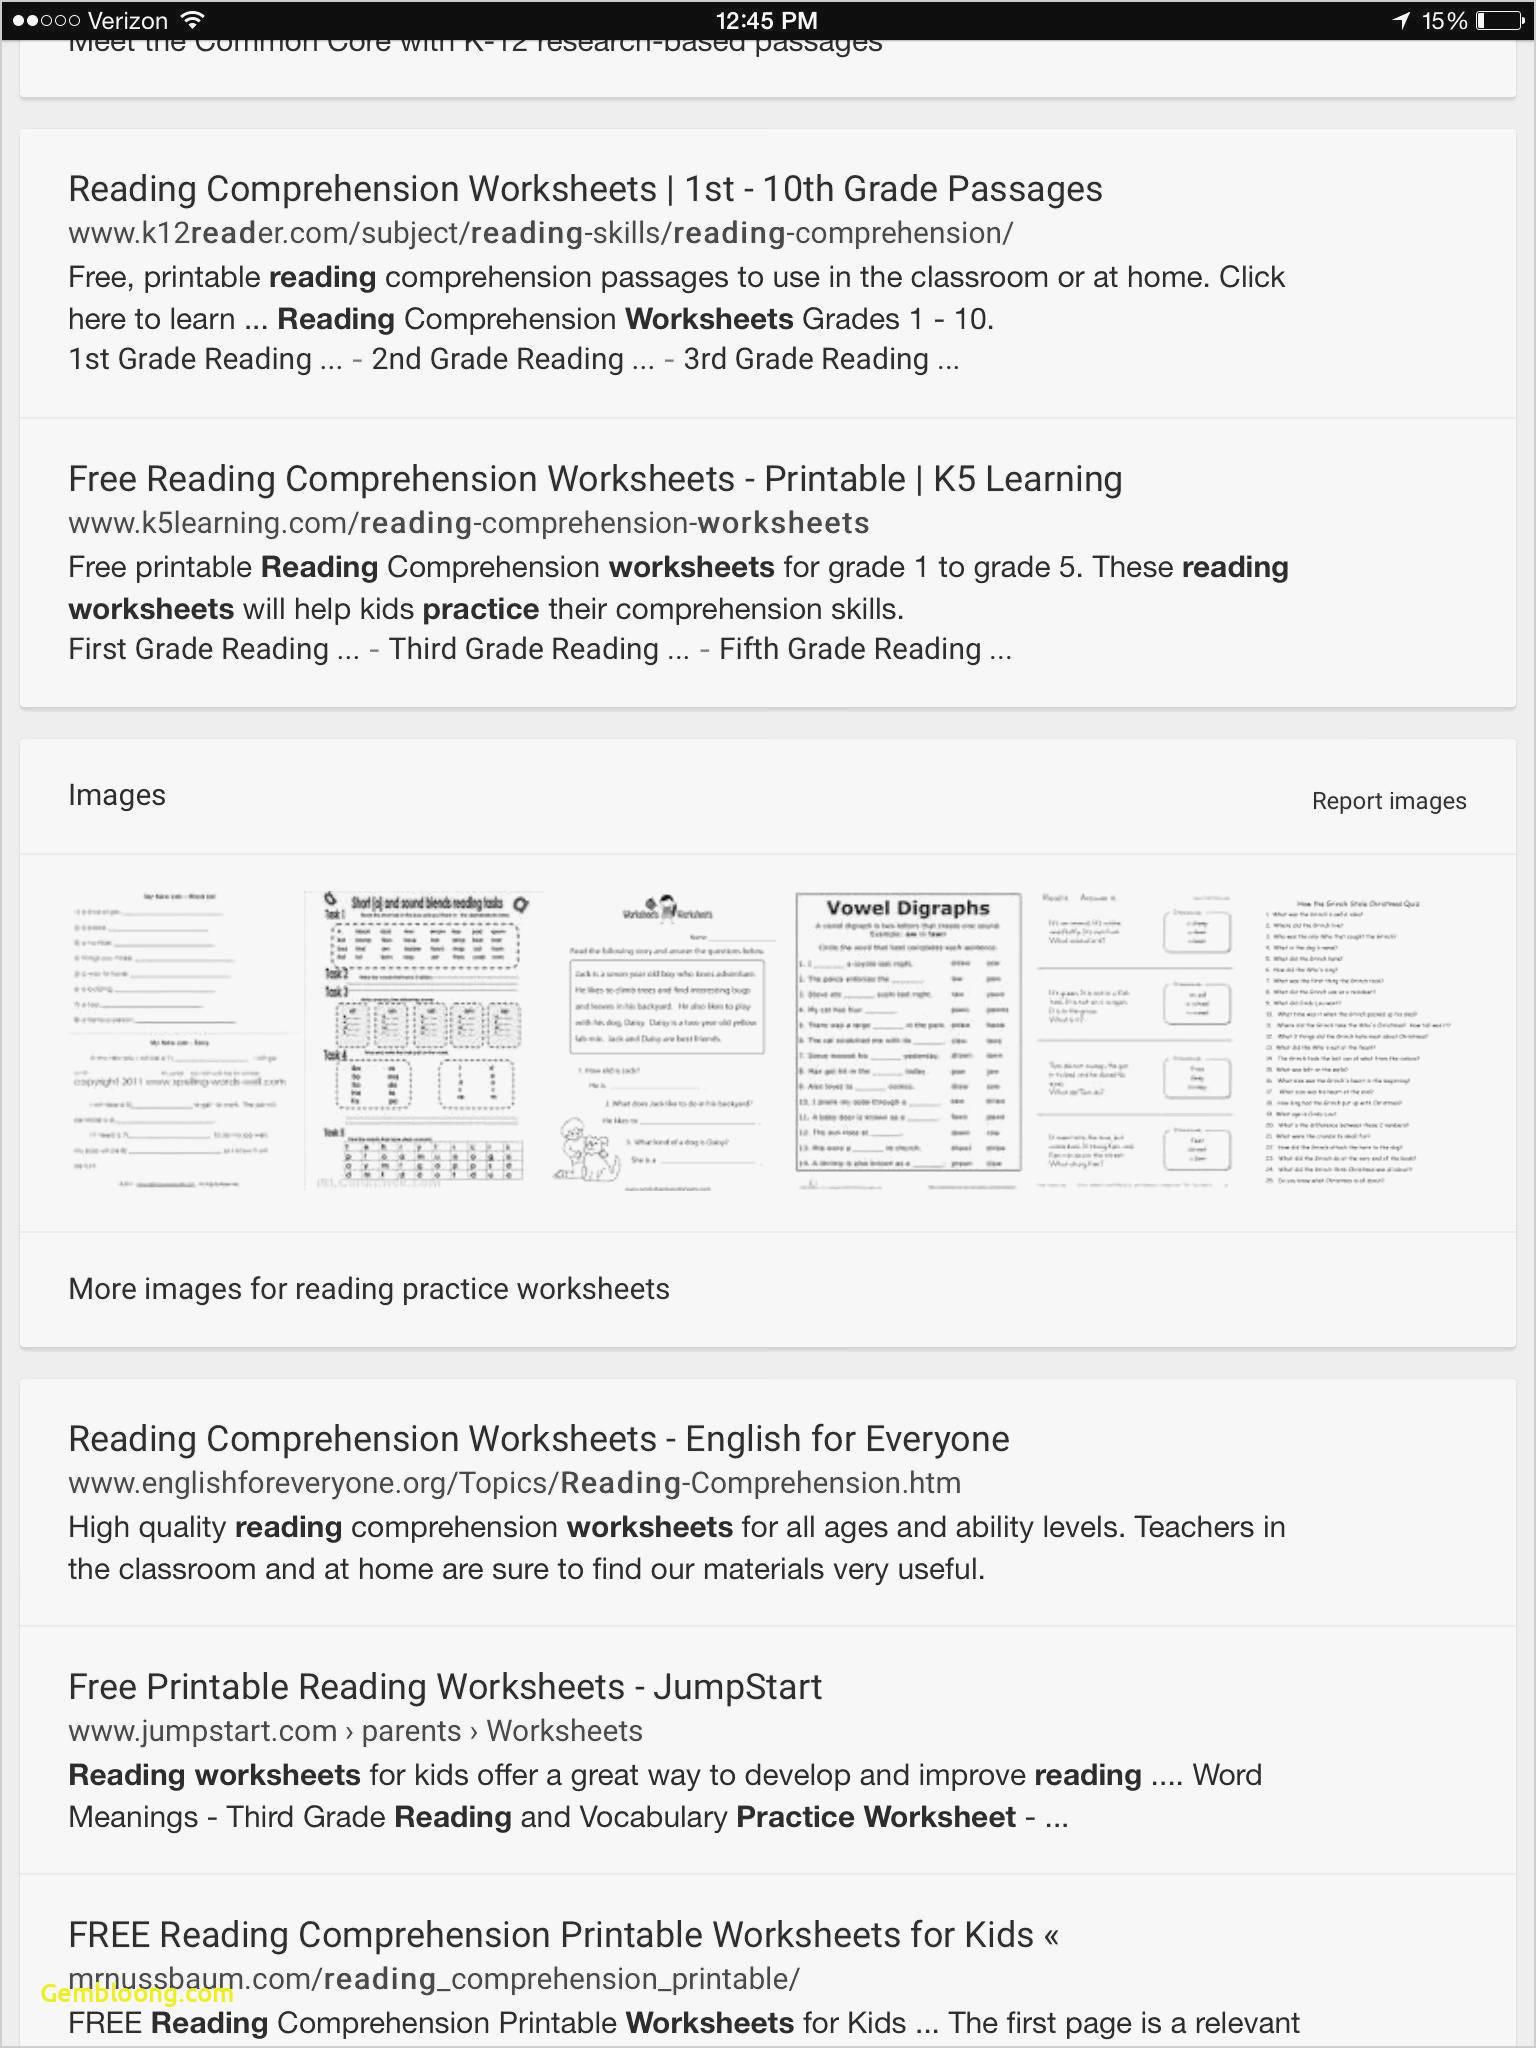 Reading Comprehension Worksheets For 1St Grade - Cramerforcongress | Free Printable Comprehension Worksheets For 5Th Grade